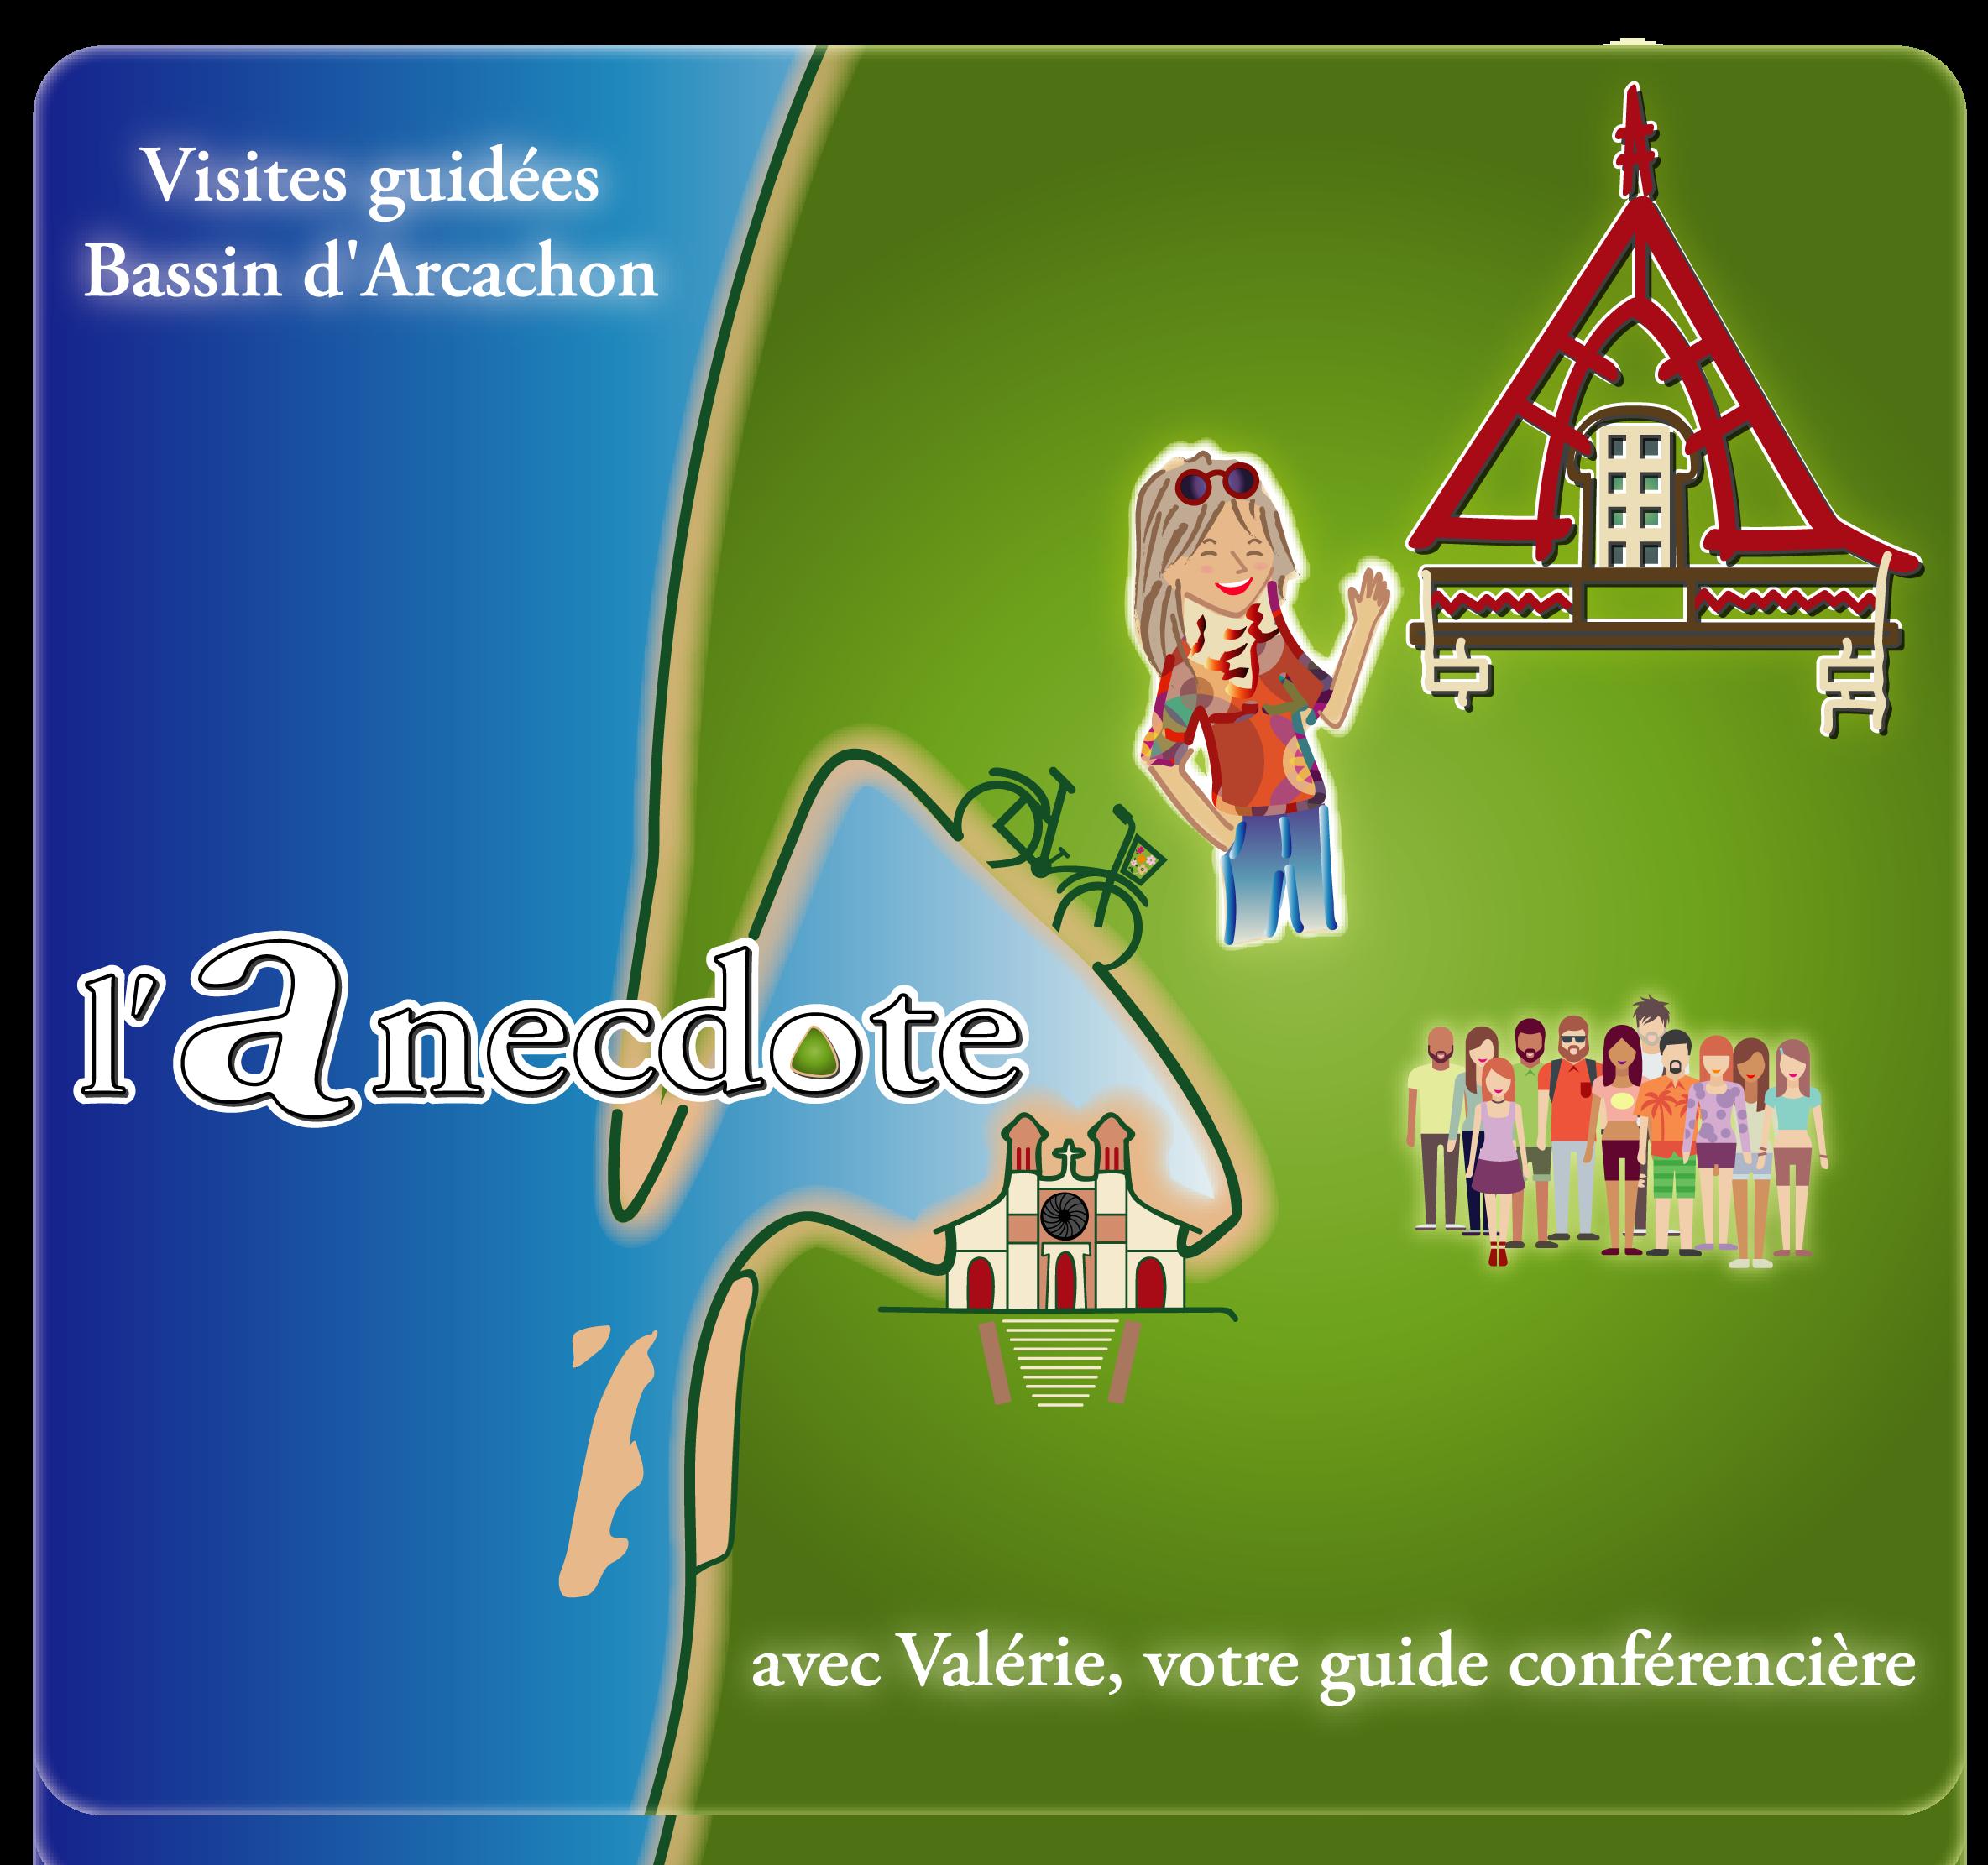 Guide Touristique Bassin D Arcachon Visite Touristique Guidee